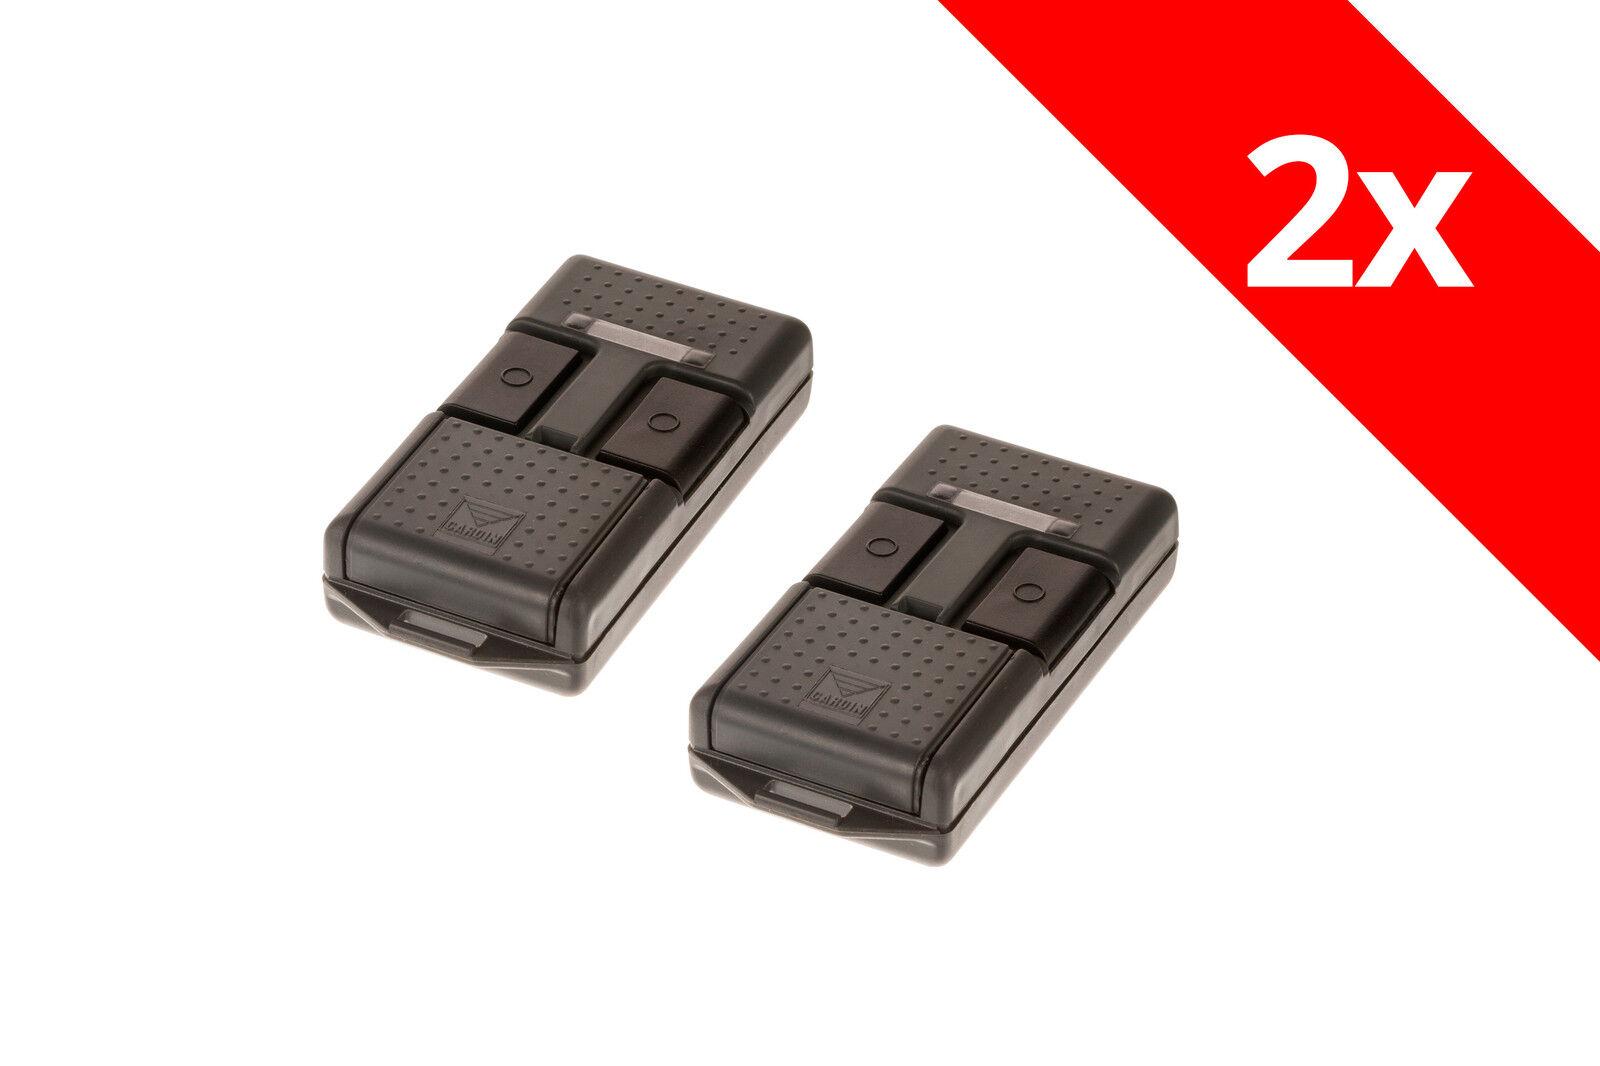 2 Cardin Handsender S466 TX2 S466-TX2 27,195 Mhz 2-Befehl 2-Befehl 2-Befehl TRQ466200 319850